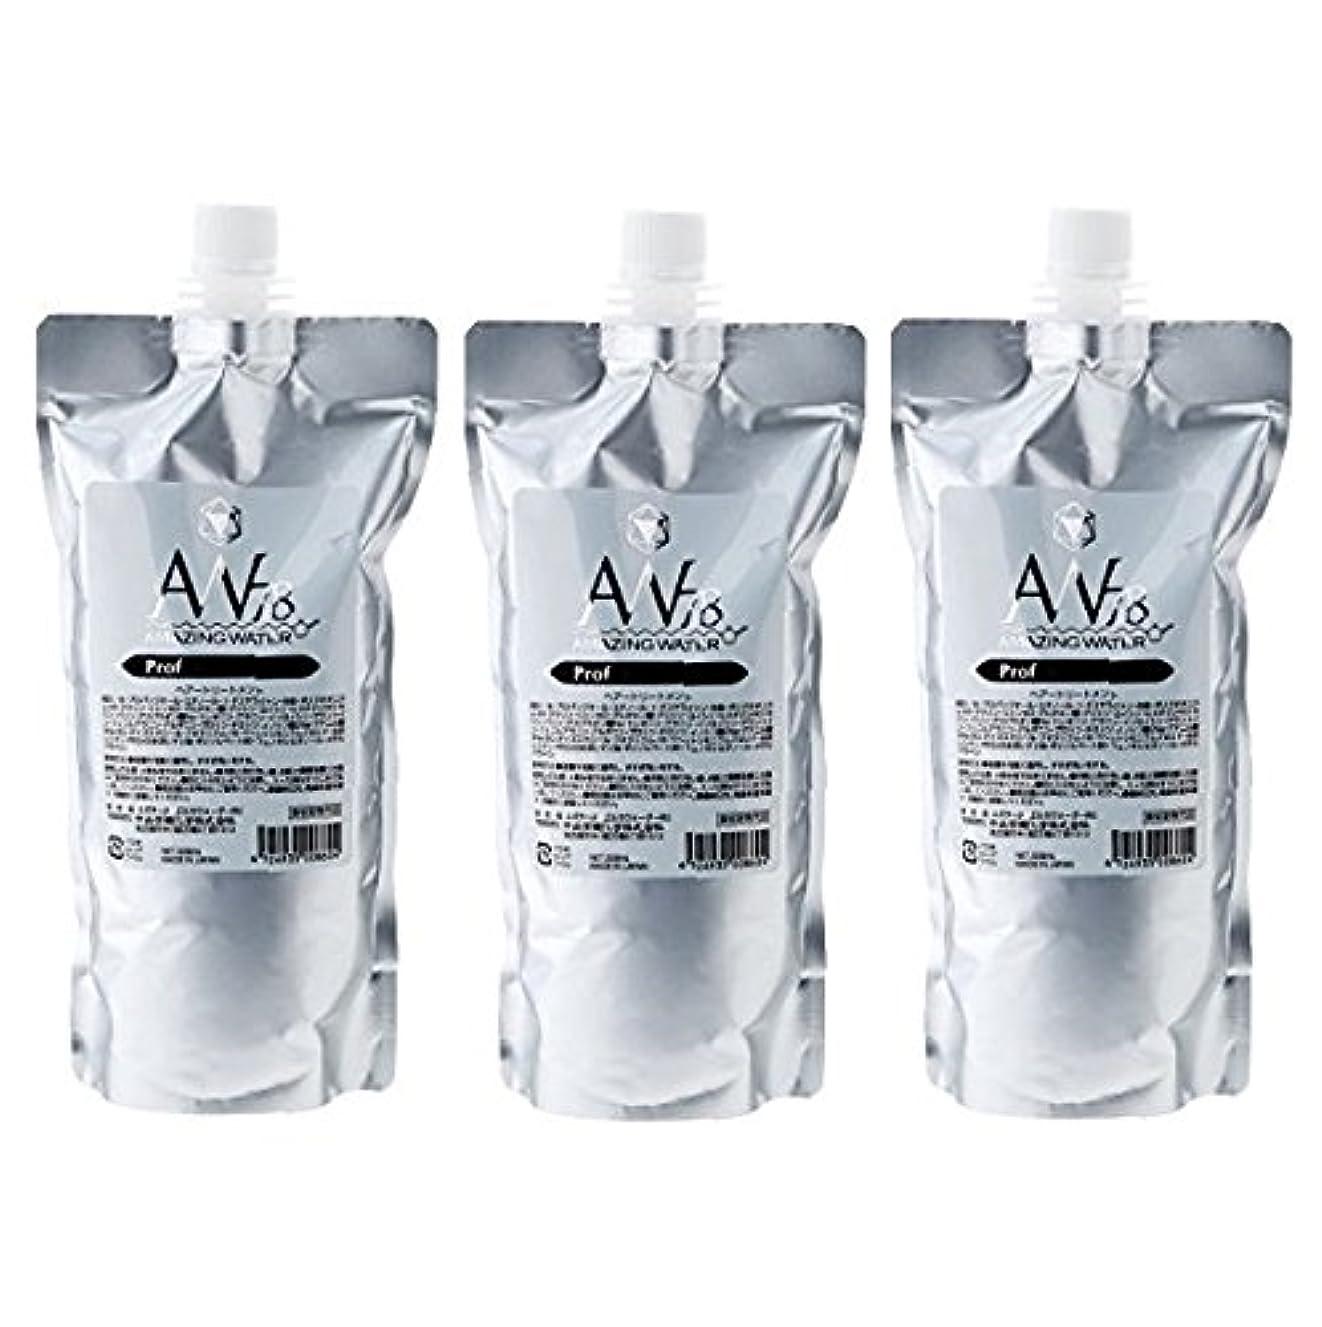 チューインガム残り期待して中央有機化学 AW78 アメイジングウォーター プロフェッショナル 500ml レフィル 3個セット